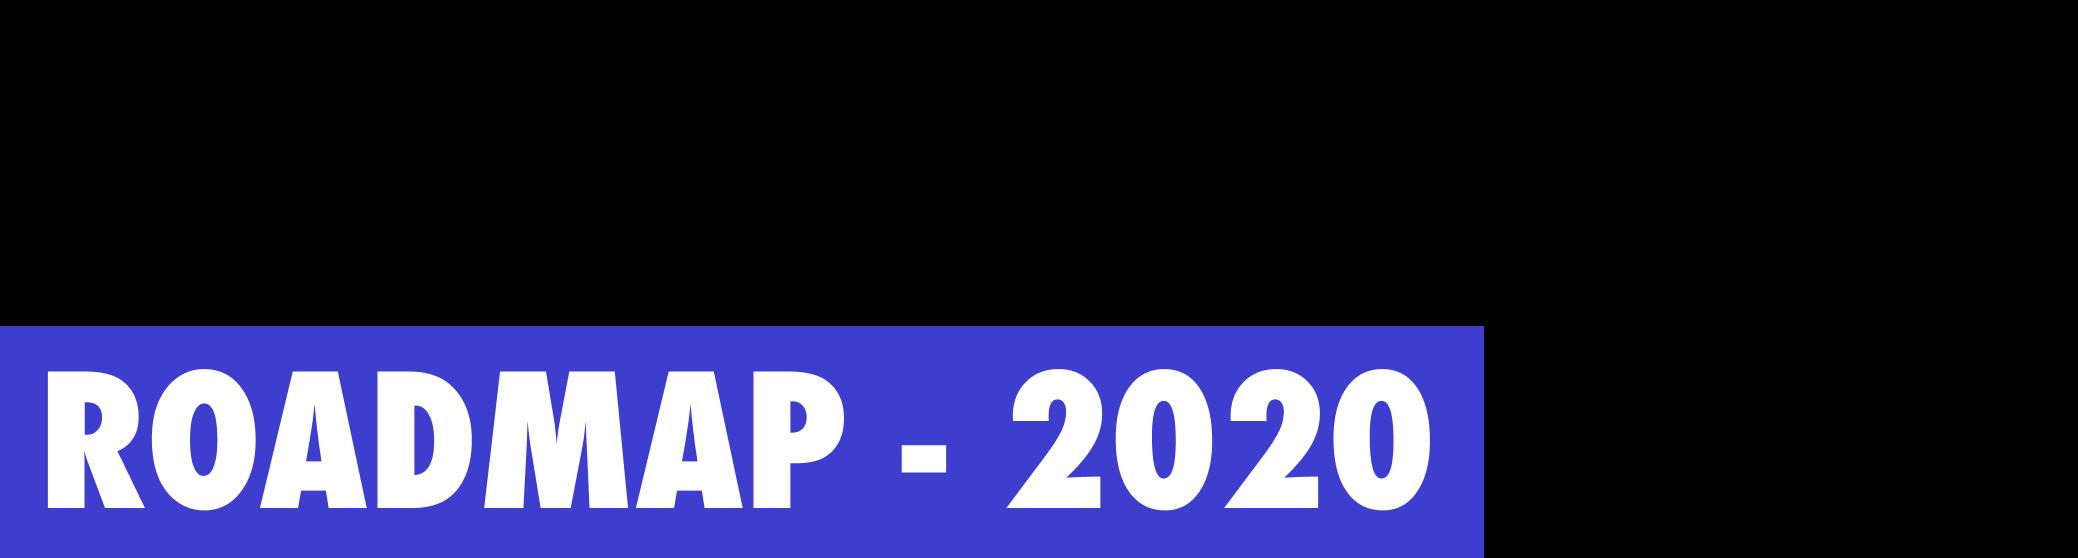 Web Developer Roadmap - 2020